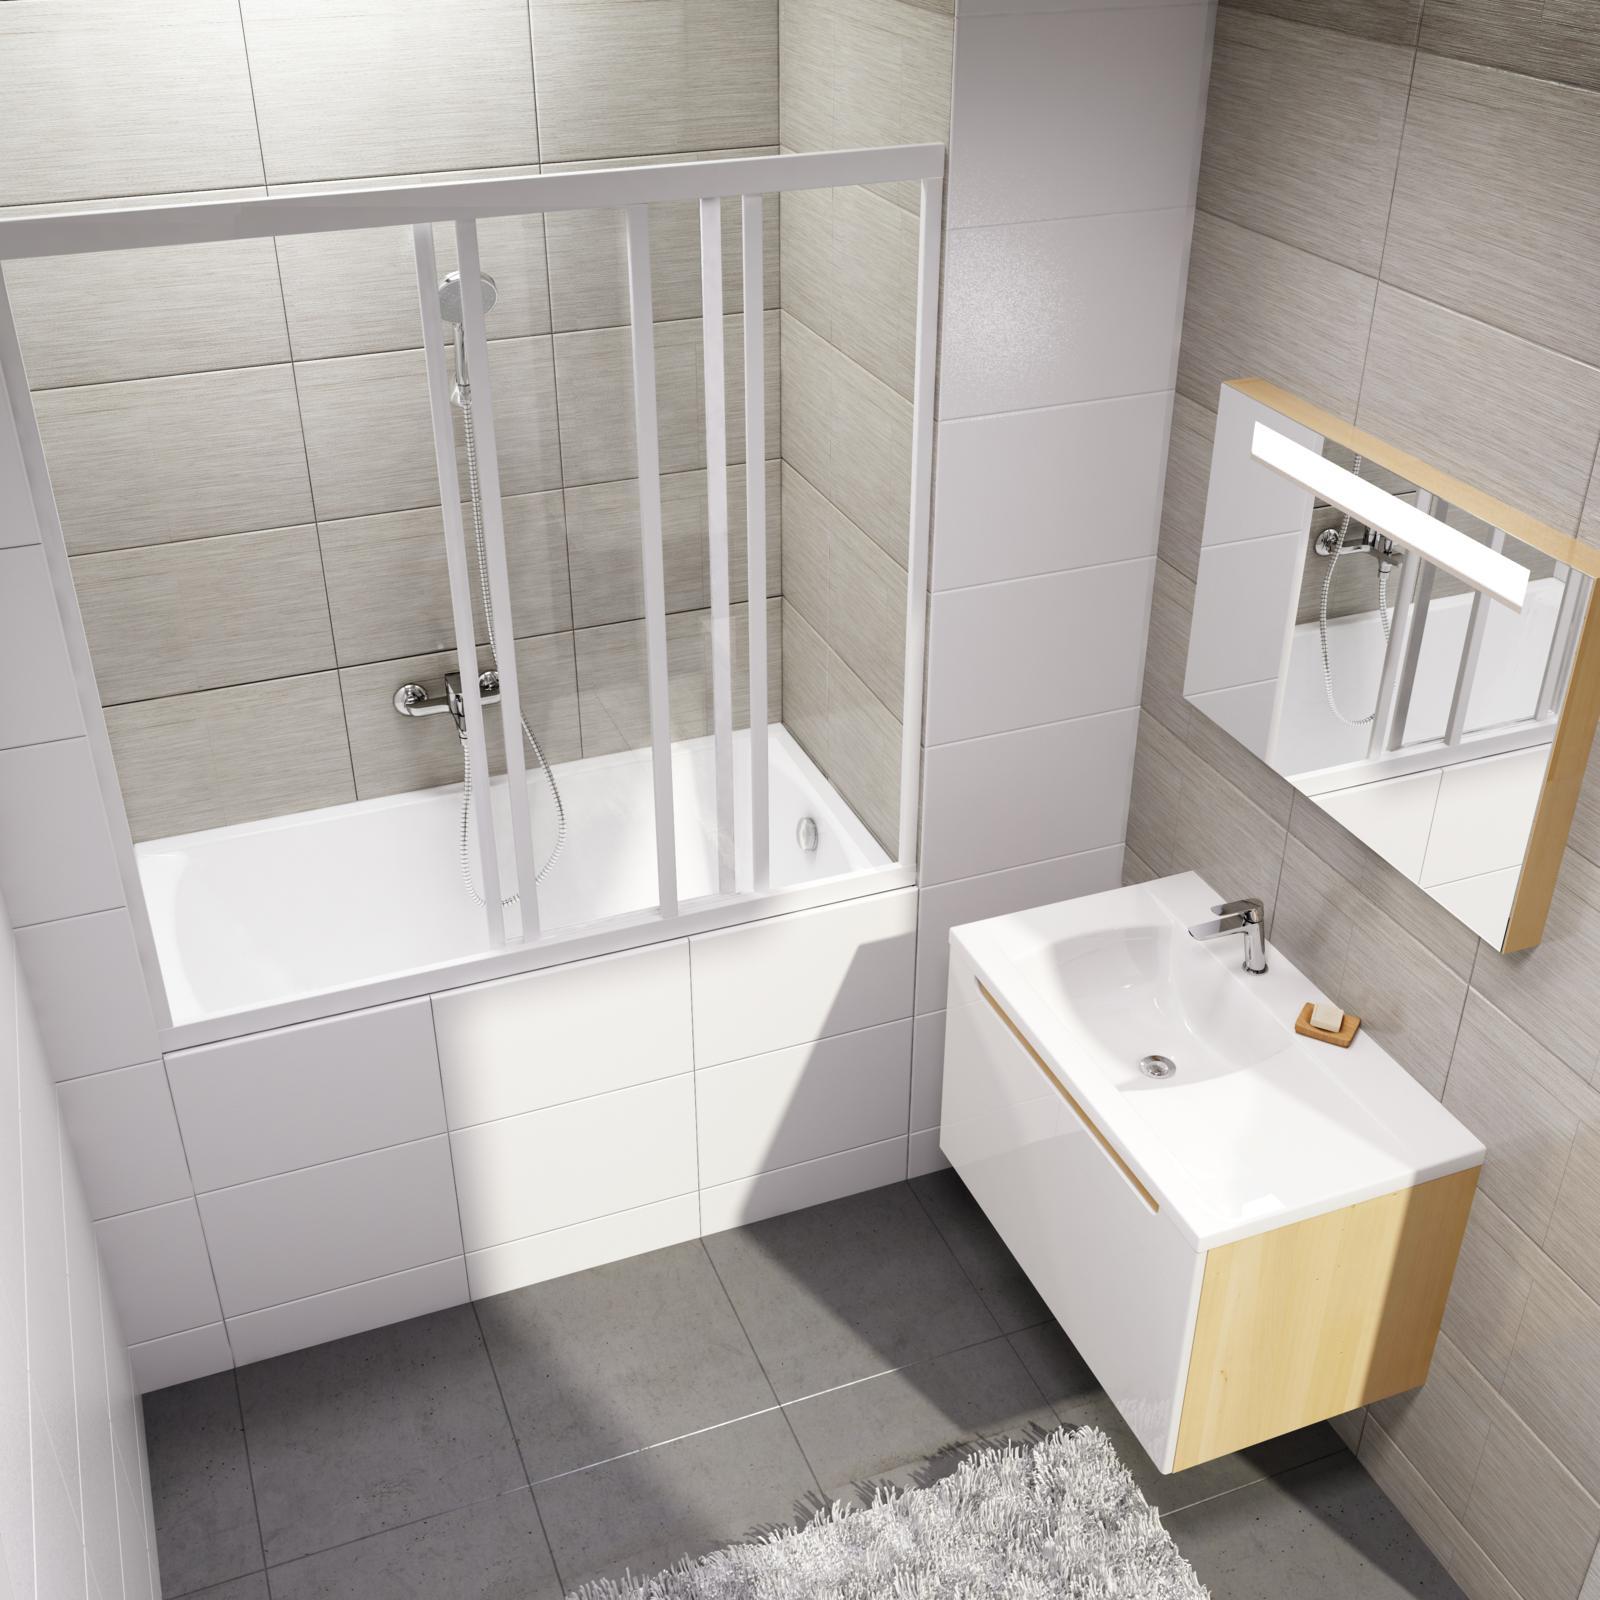 A rövidített, 120 cm hosszúságú minikád változat ideális a kis fürdőszobákba vagy falfülkékbe, bemélyedésekbe hiszen az apró mérete mellett megőrzi a klasszikus kádak mélységét.